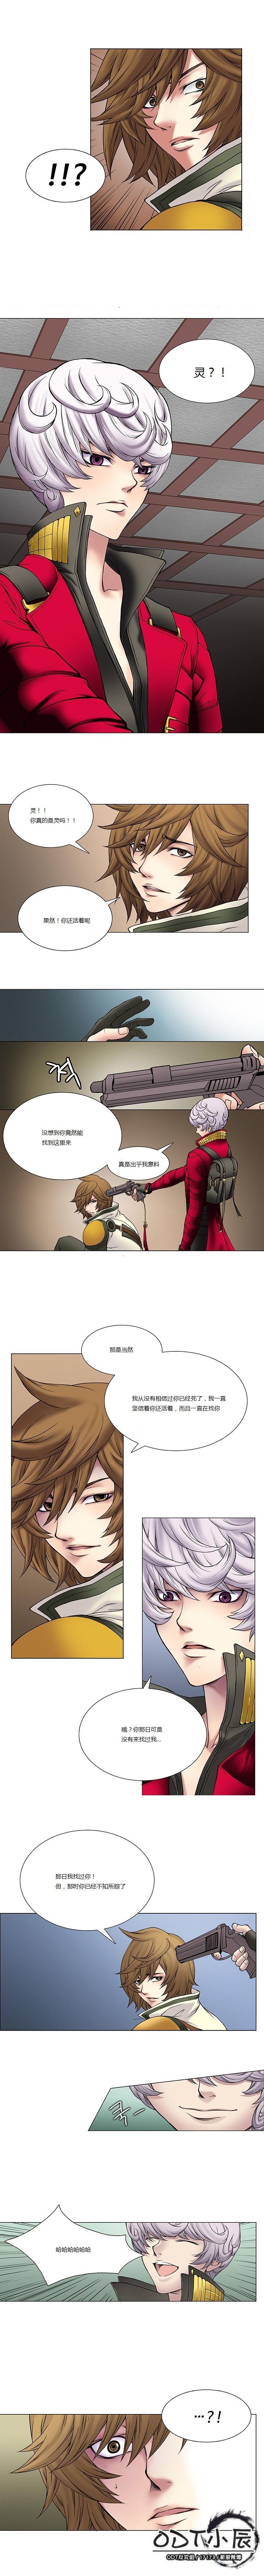 官方漫画《骛天鬼》第2话(5).jpg